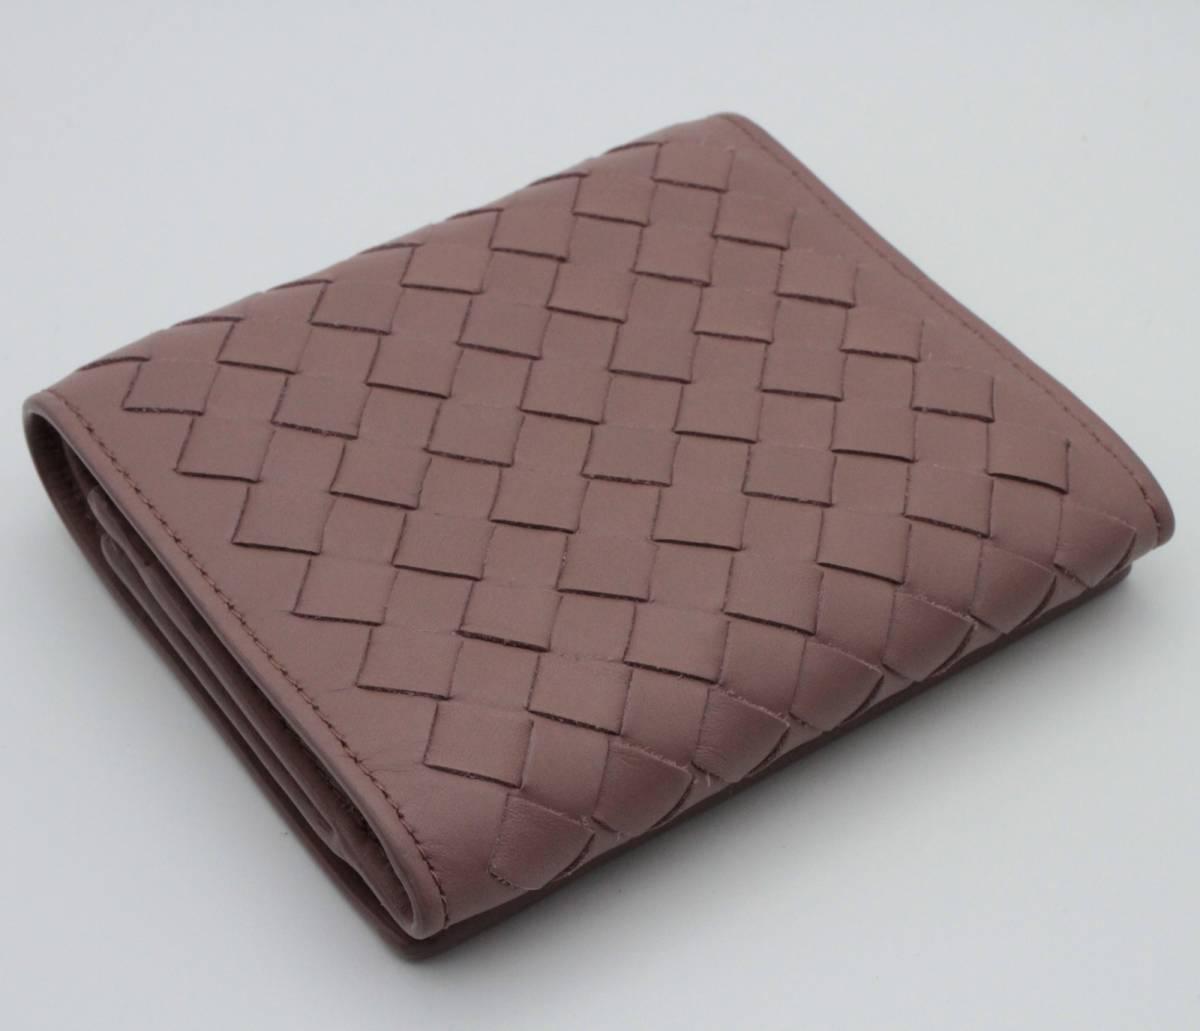 ◆◇【超美品】Bottega Veneta ボッテガヴェネタ イントレチャート 三つ折り財布◇◆_画像4